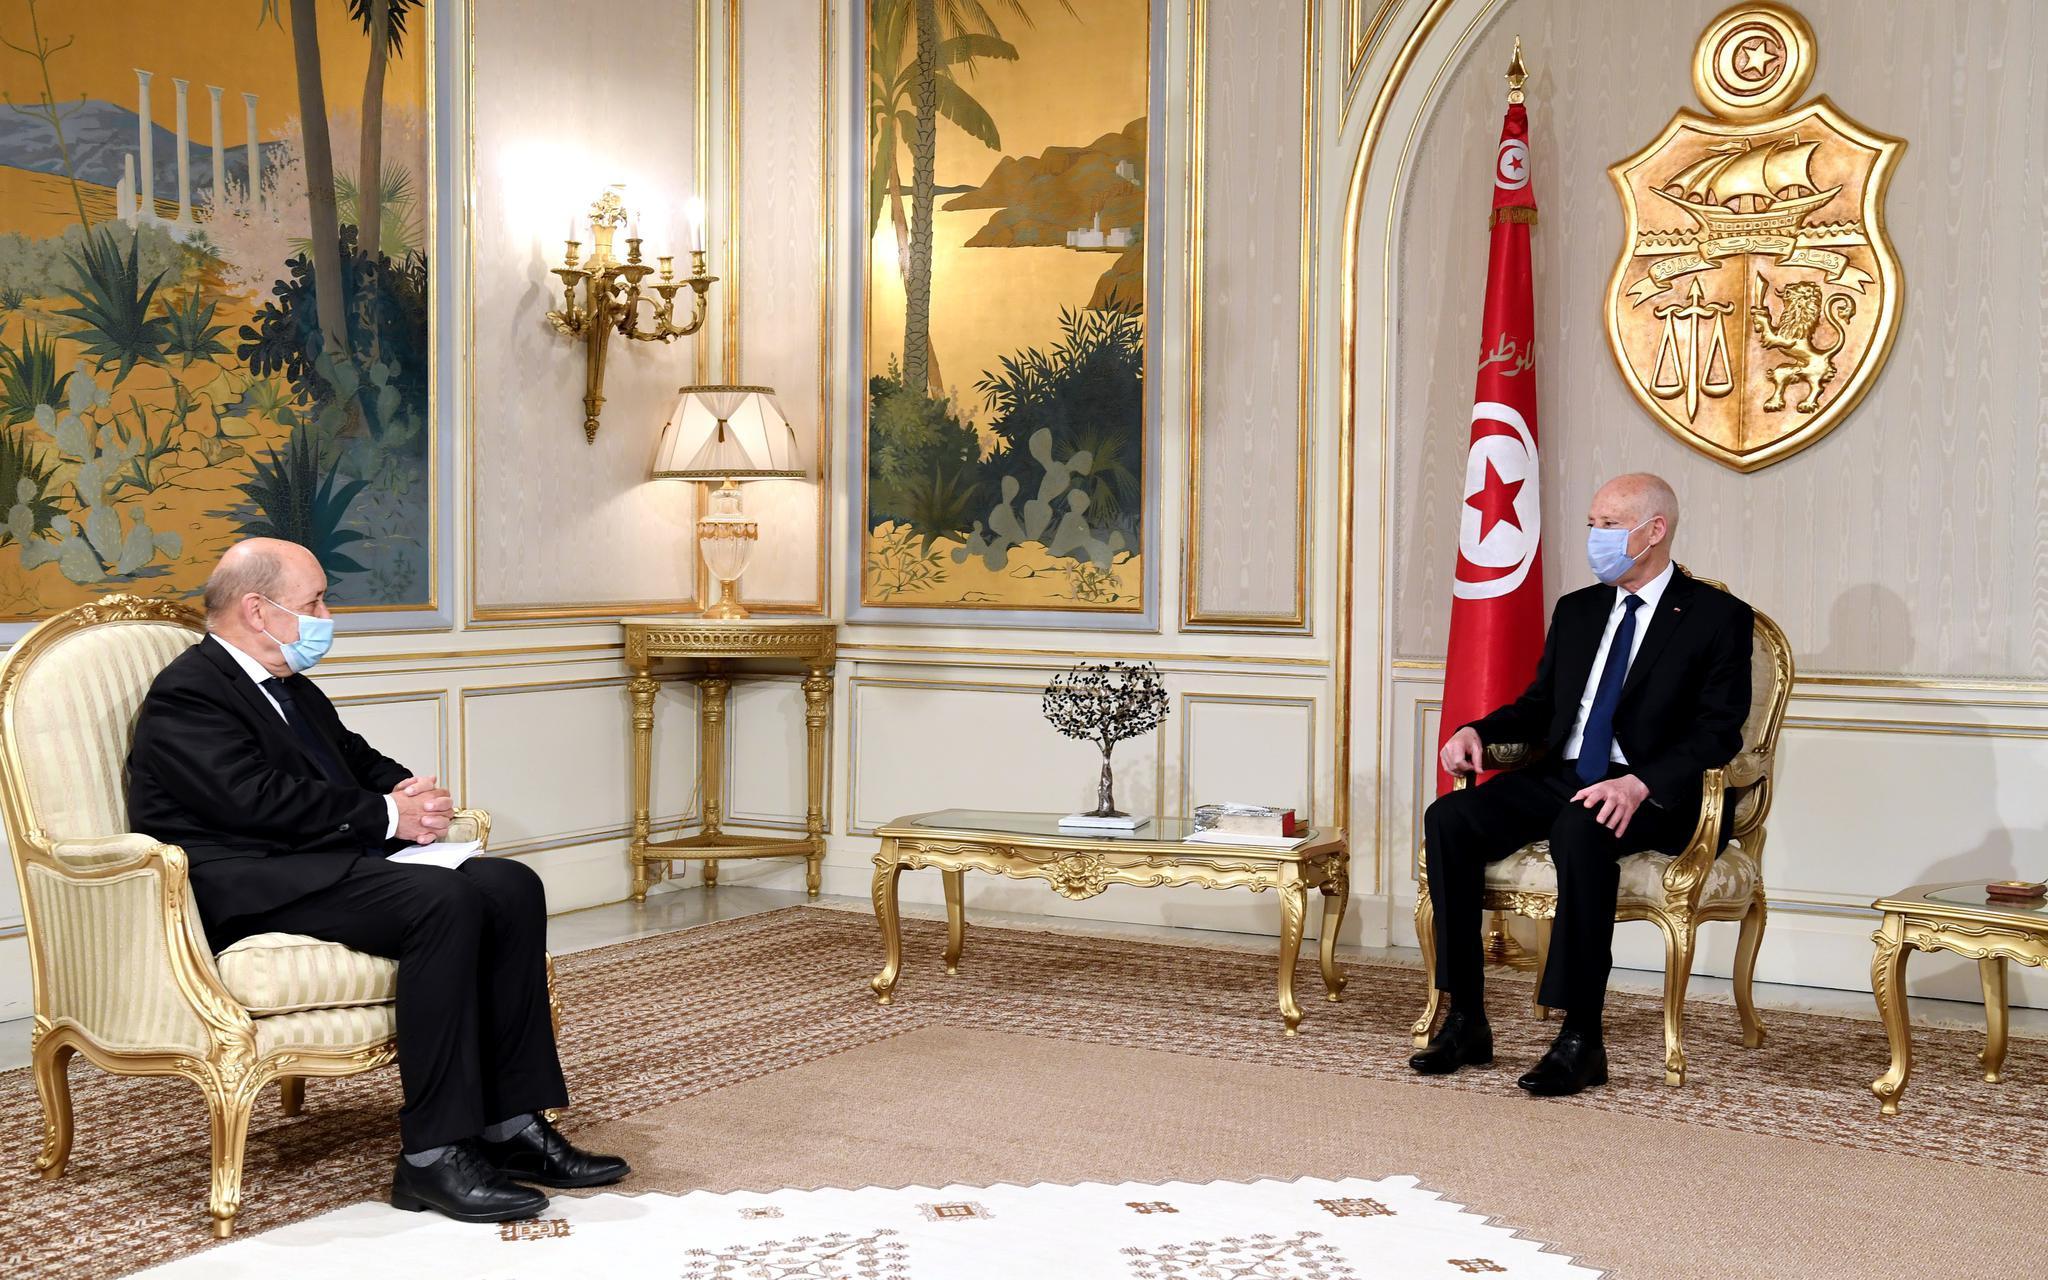 突尼斯总统:解决恐怖主义问题须正视其根源